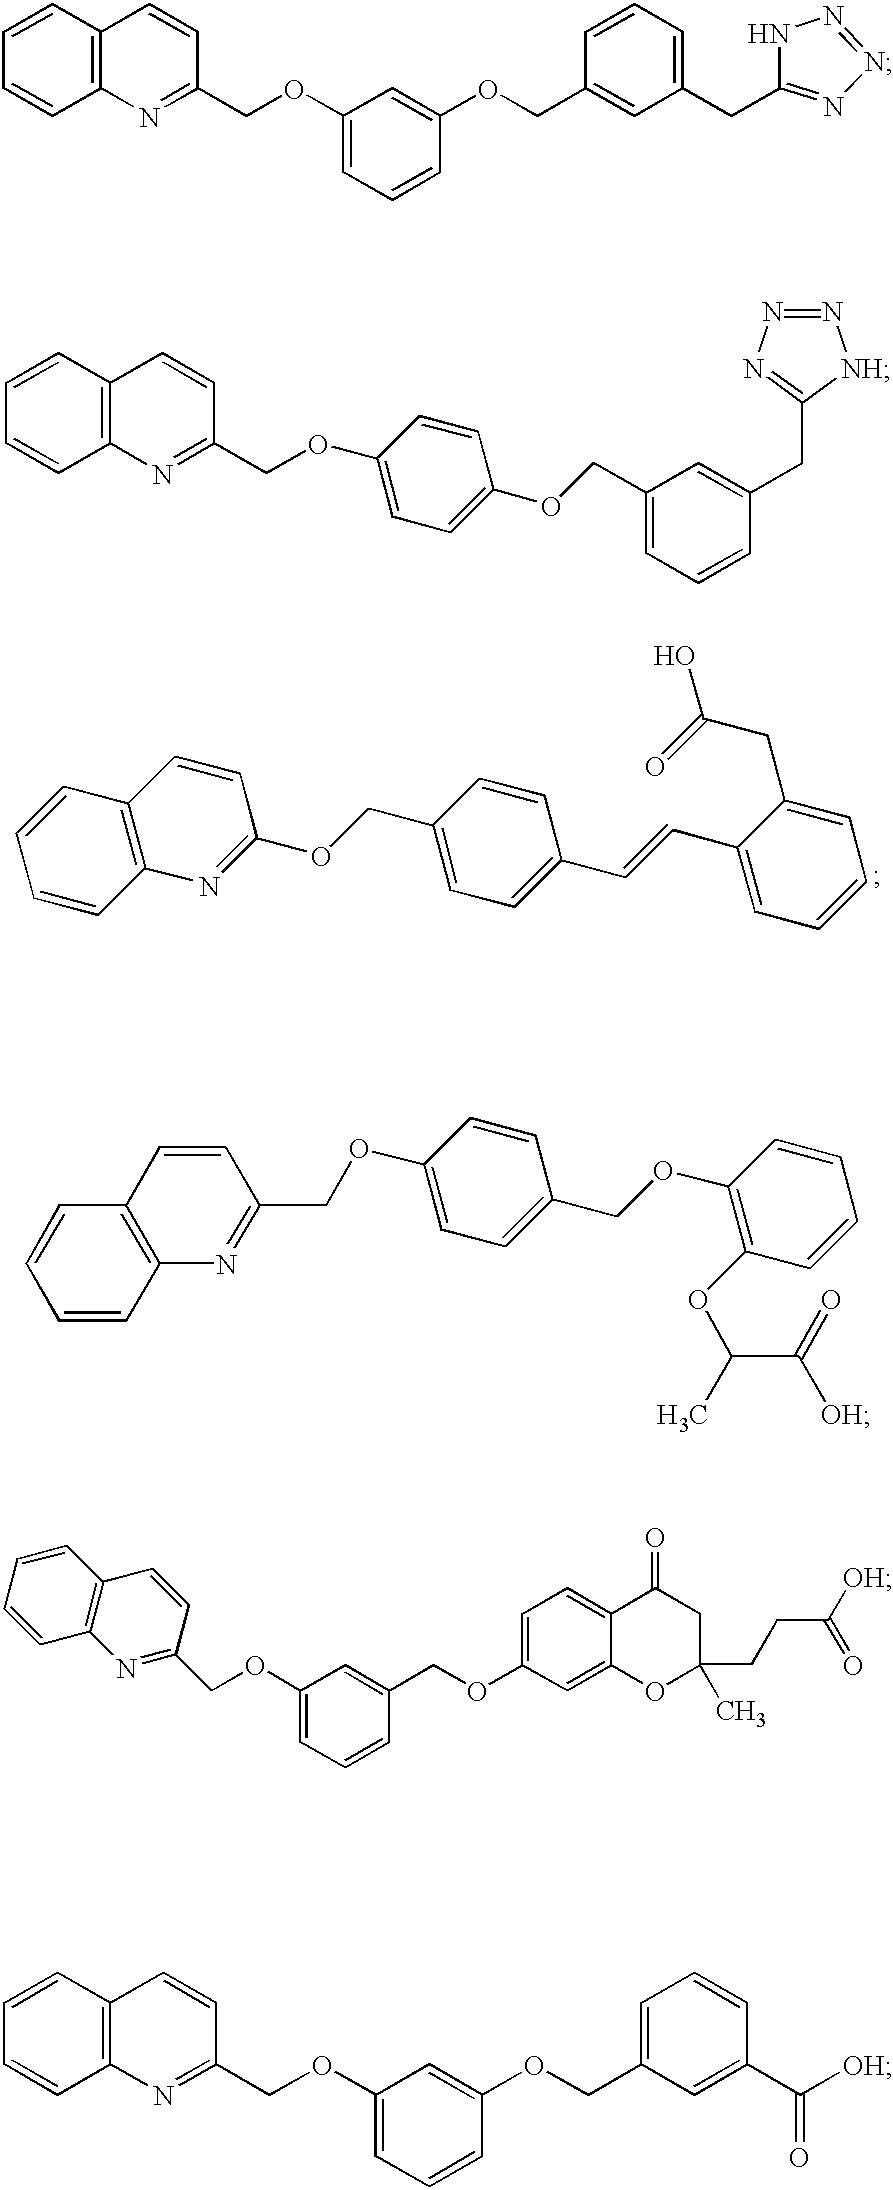 Figure US20030220373A1-20031127-C00071